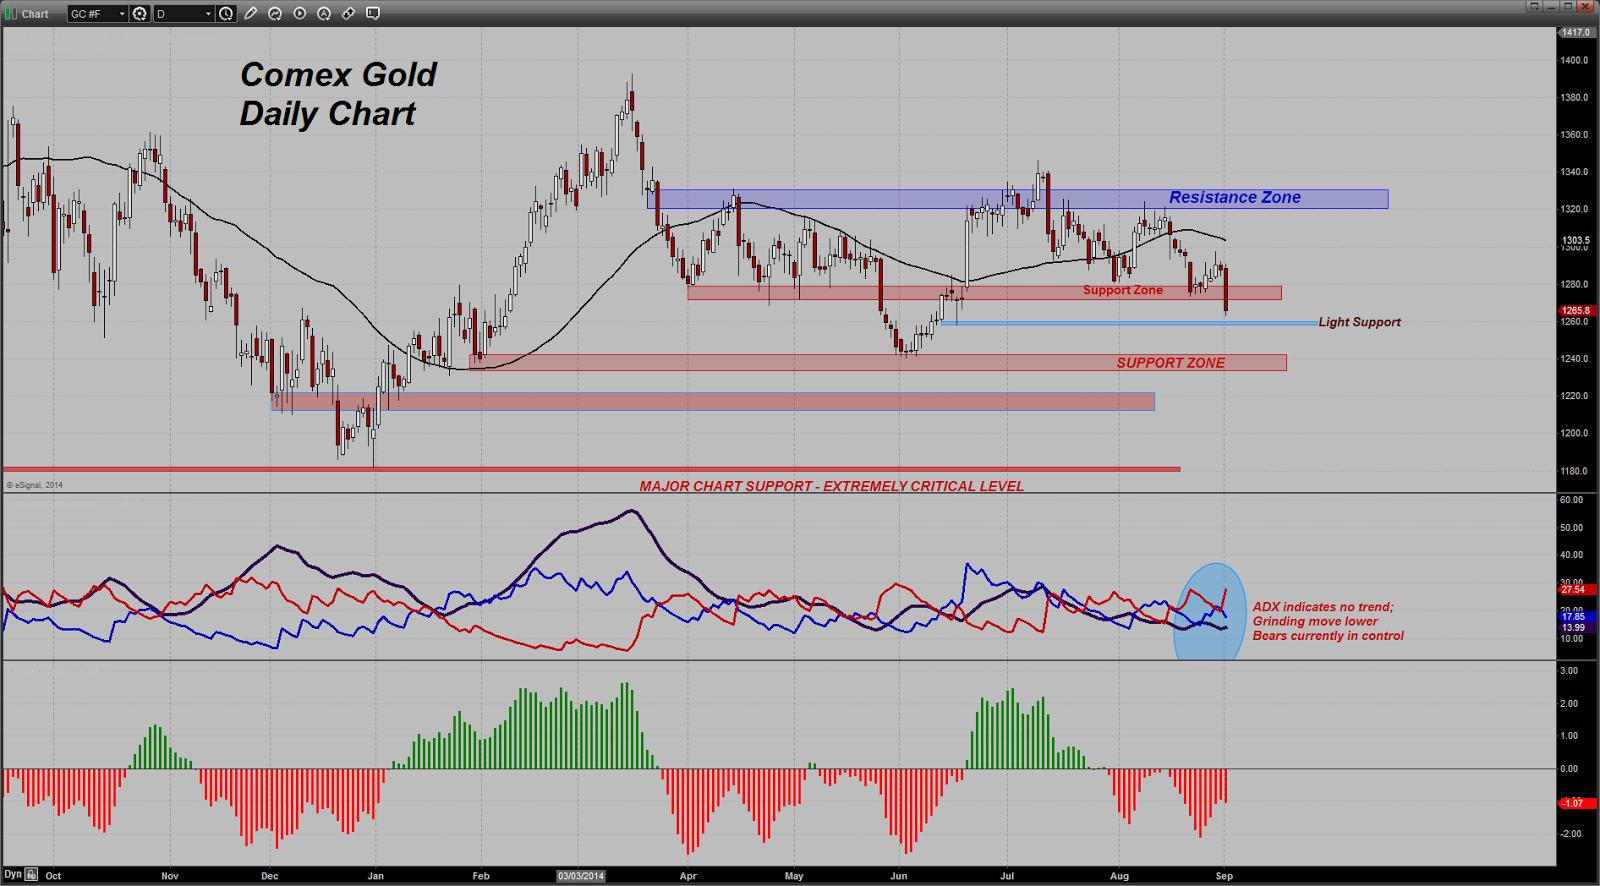 prix de l'or, de l'argent et des minières / suivi quotidien en clôture - Page 13 Chart20140902094946